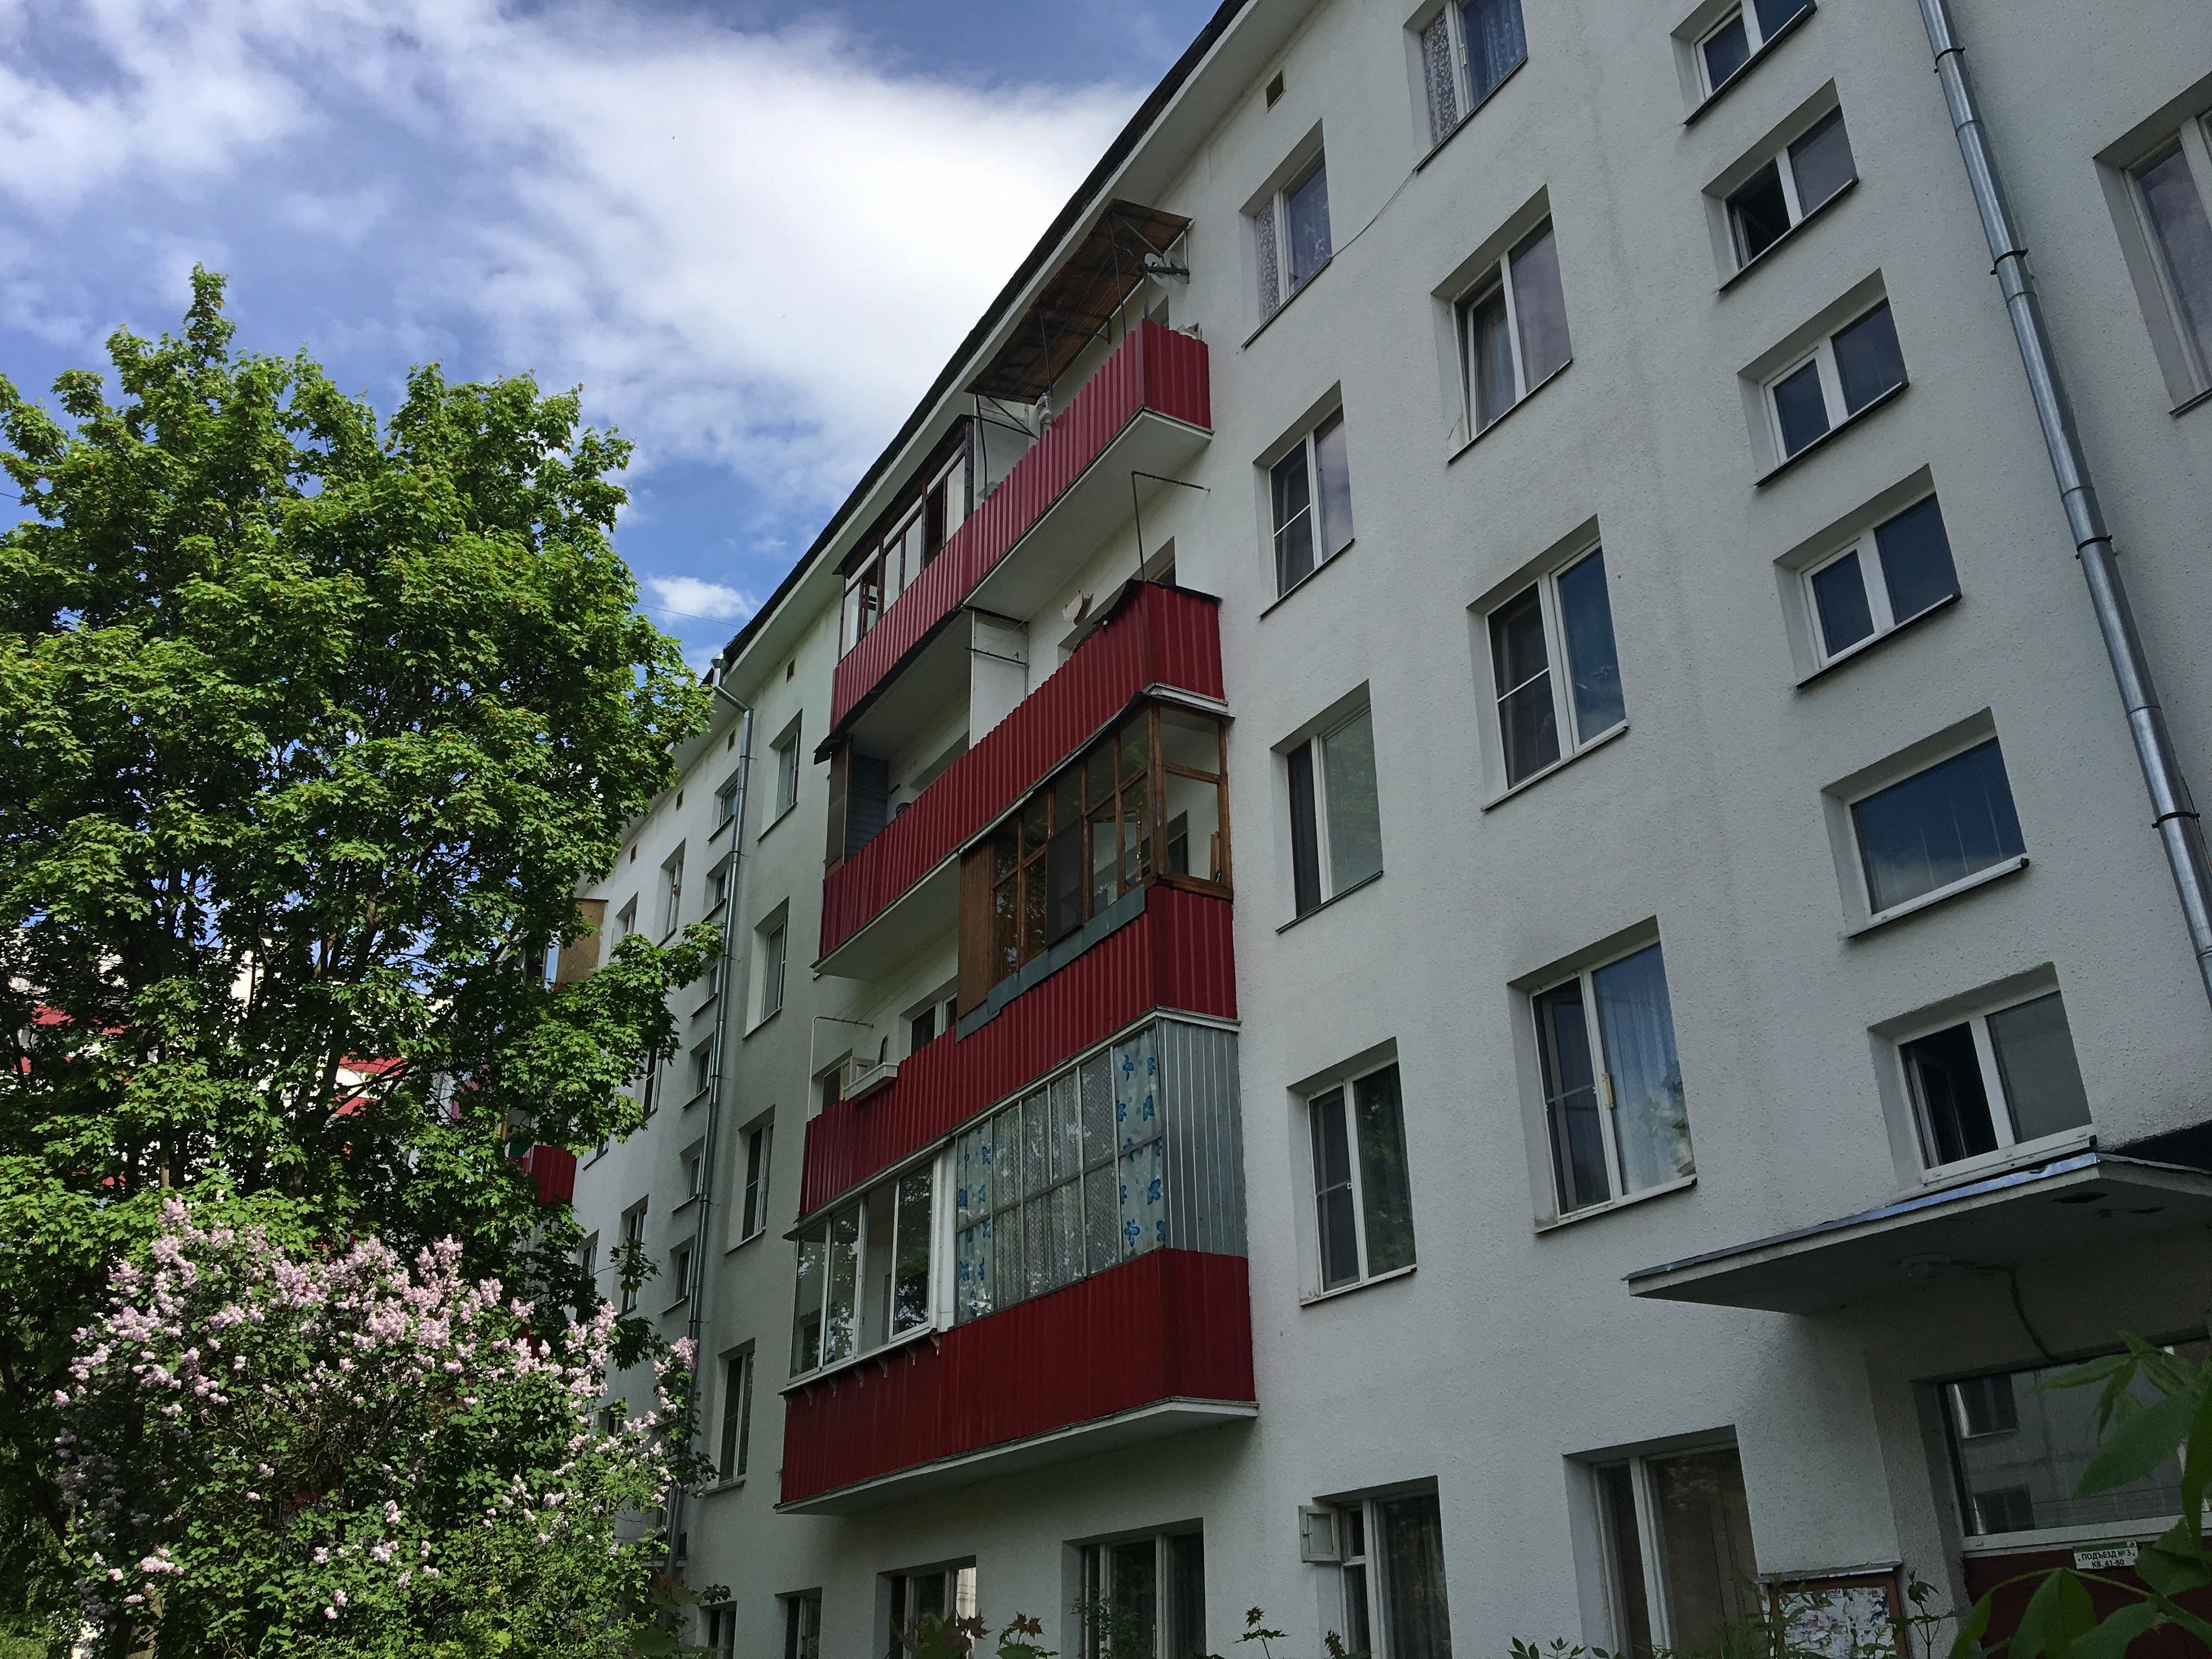 Более полутора миллионов квадратных метров жилья построят в Новой Москве в 2018 году. Фото: архив, «Вечерняя Москва»